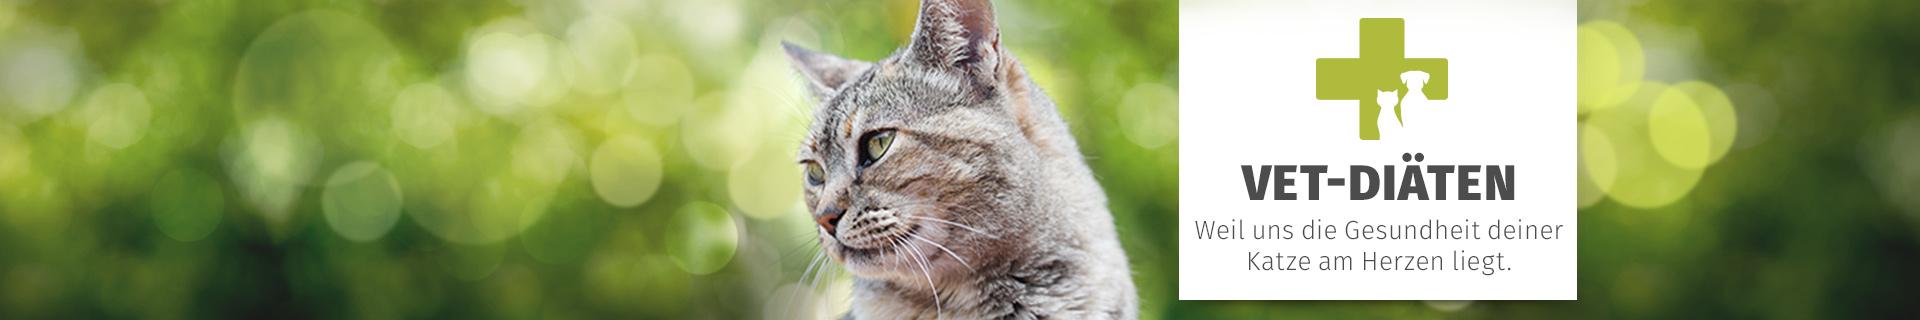 Hochwertiges Tierarzt Diatfutter Fur Katzen Gesundes